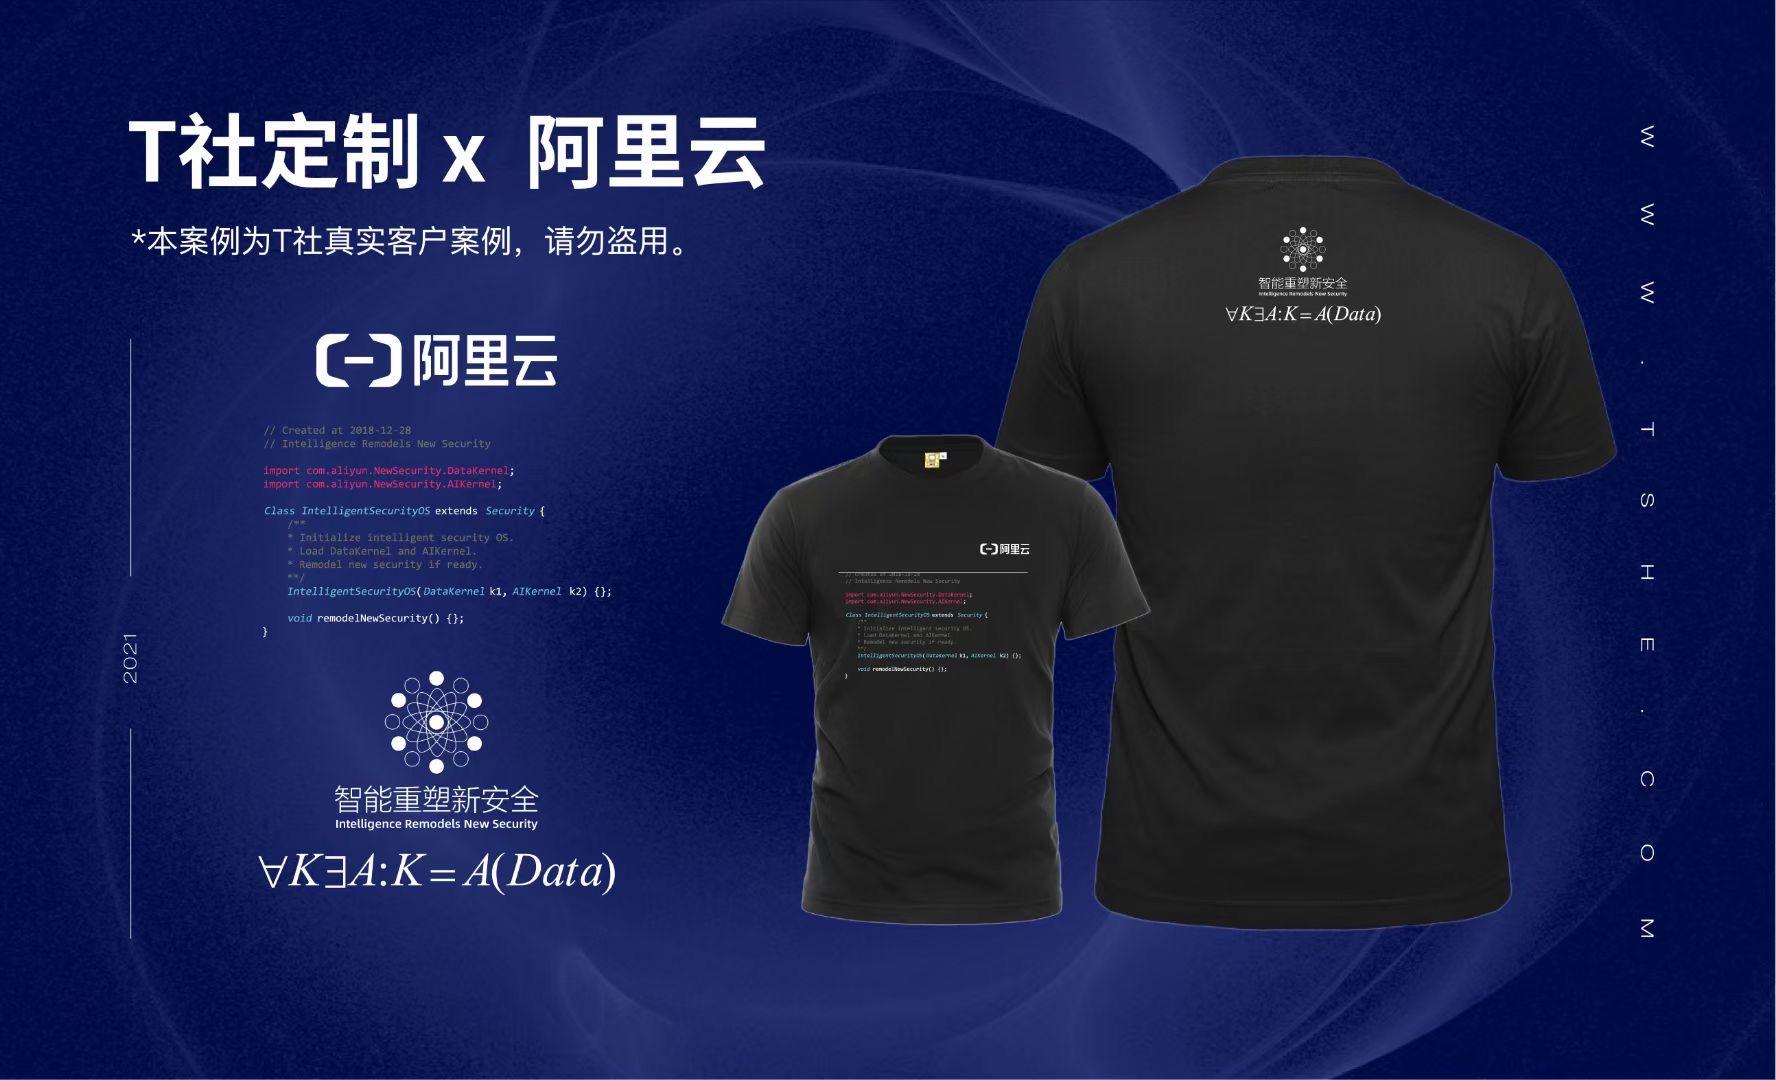 企业文化衫图案 企业文化衫定制